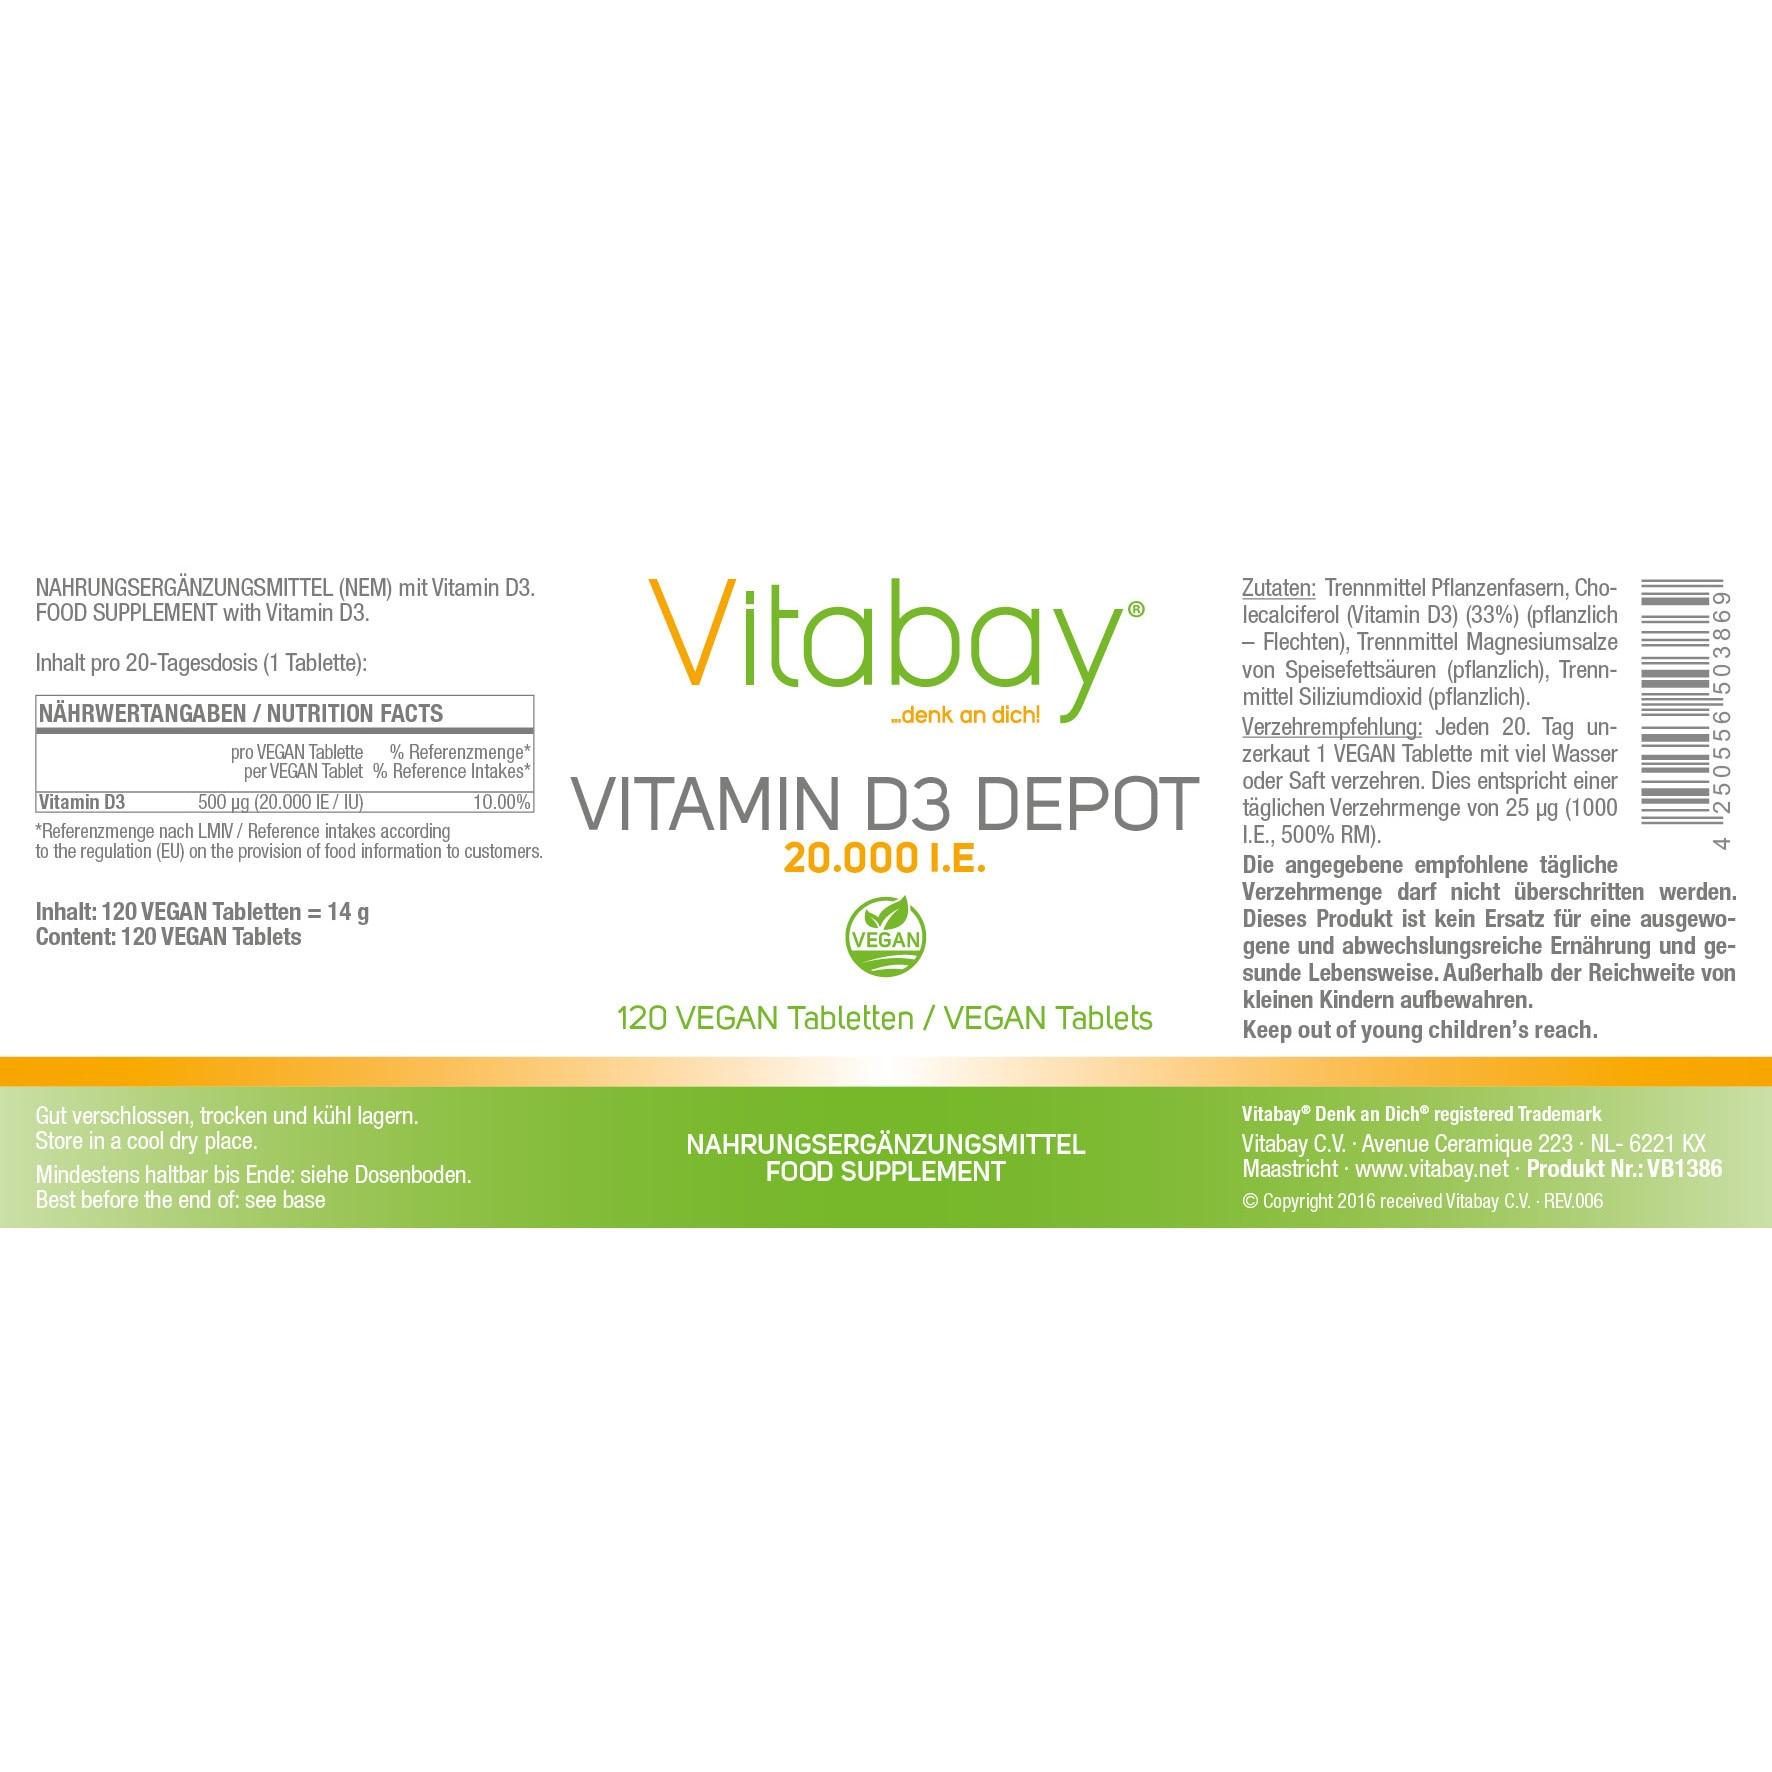 Importanța vitaminei D pentru sănătatea organismului